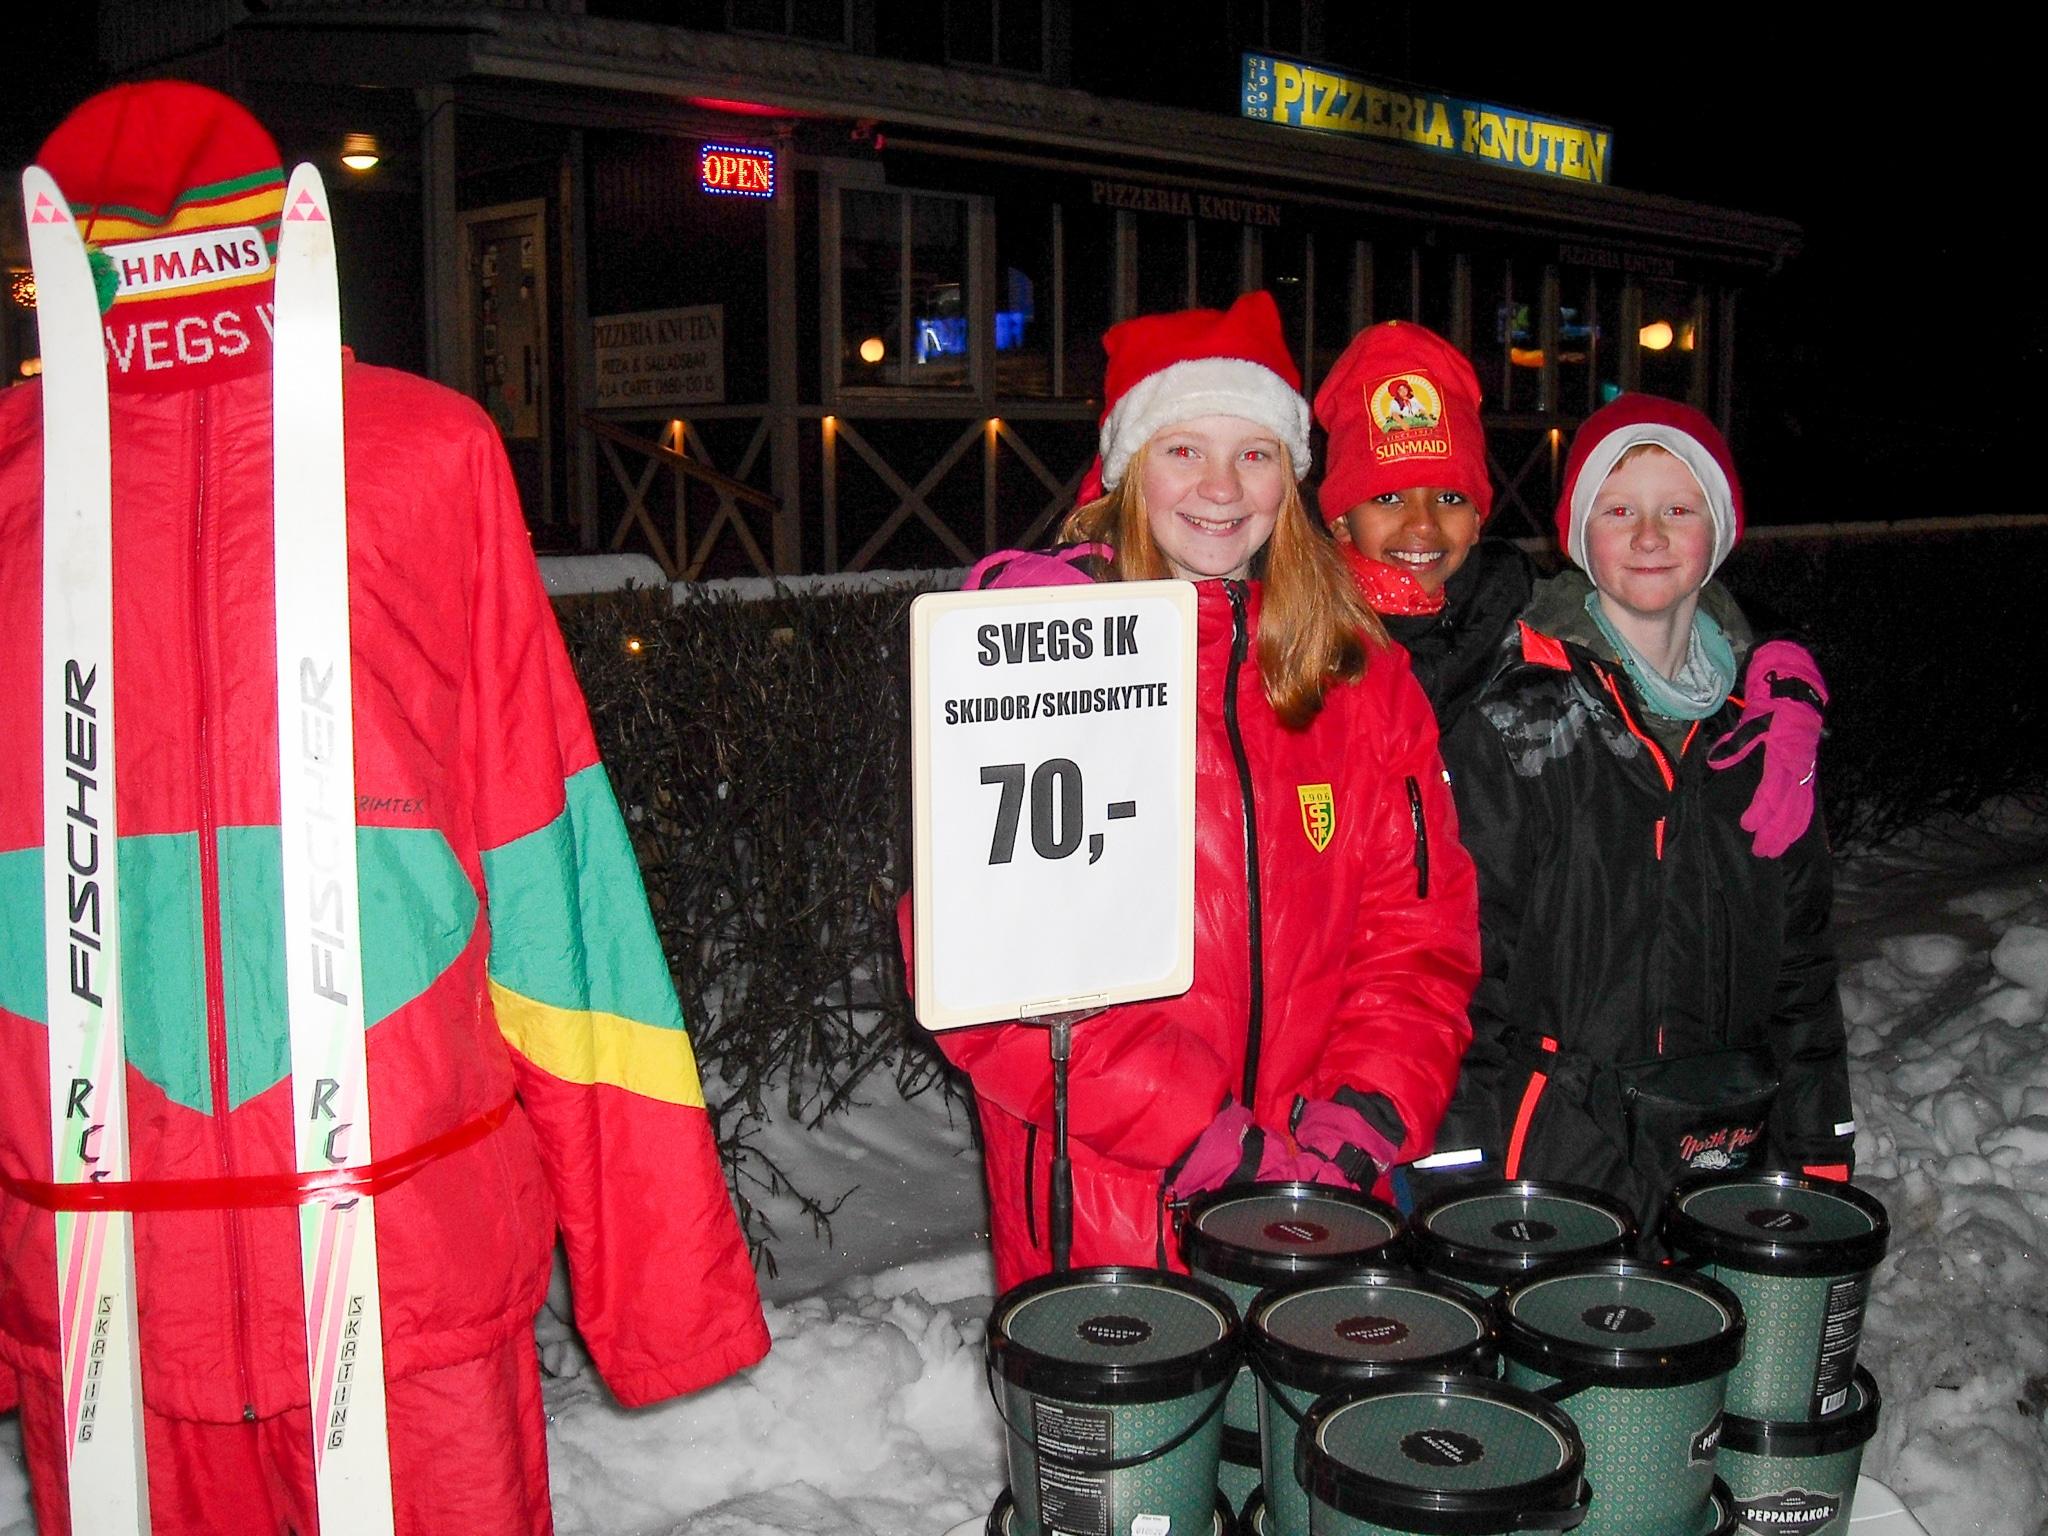 Unga representanter för Svegs IK skidor/skidskytte sålde med stort hjärta pepparkakor. I mitten Frena Efraim flankerad av syskonen Irma och Albin Fundin. Foto: Mats Haldosén